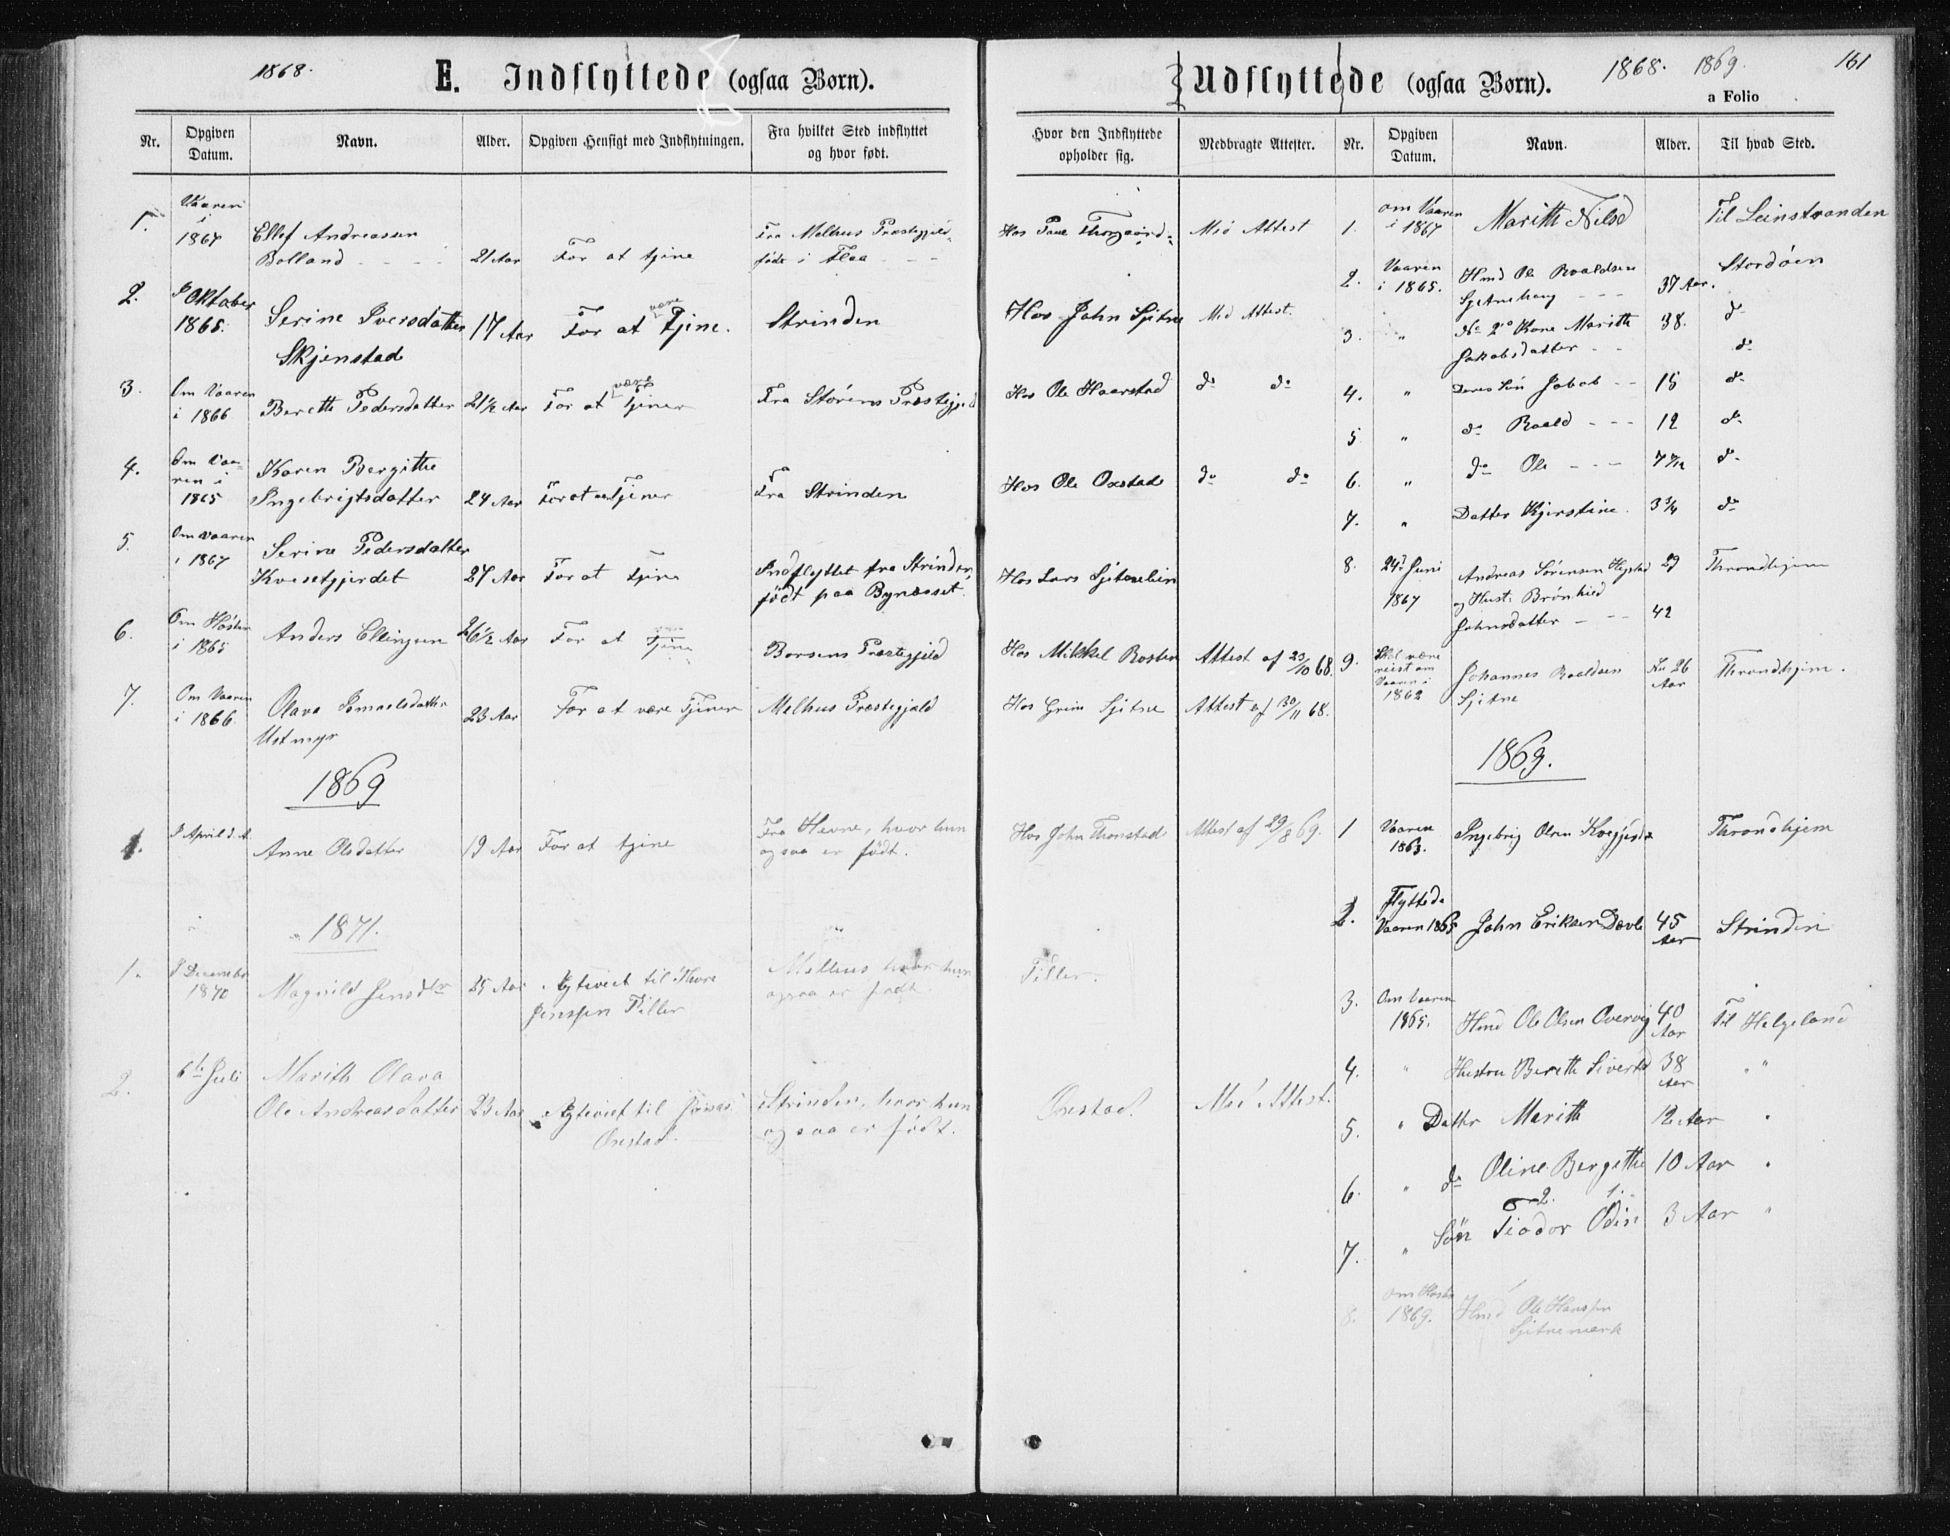 SAT, Ministerialprotokoller, klokkerbøker og fødselsregistre - Sør-Trøndelag, 621/L0459: Klokkerbok nr. 621C02, 1866-1895, s. 161